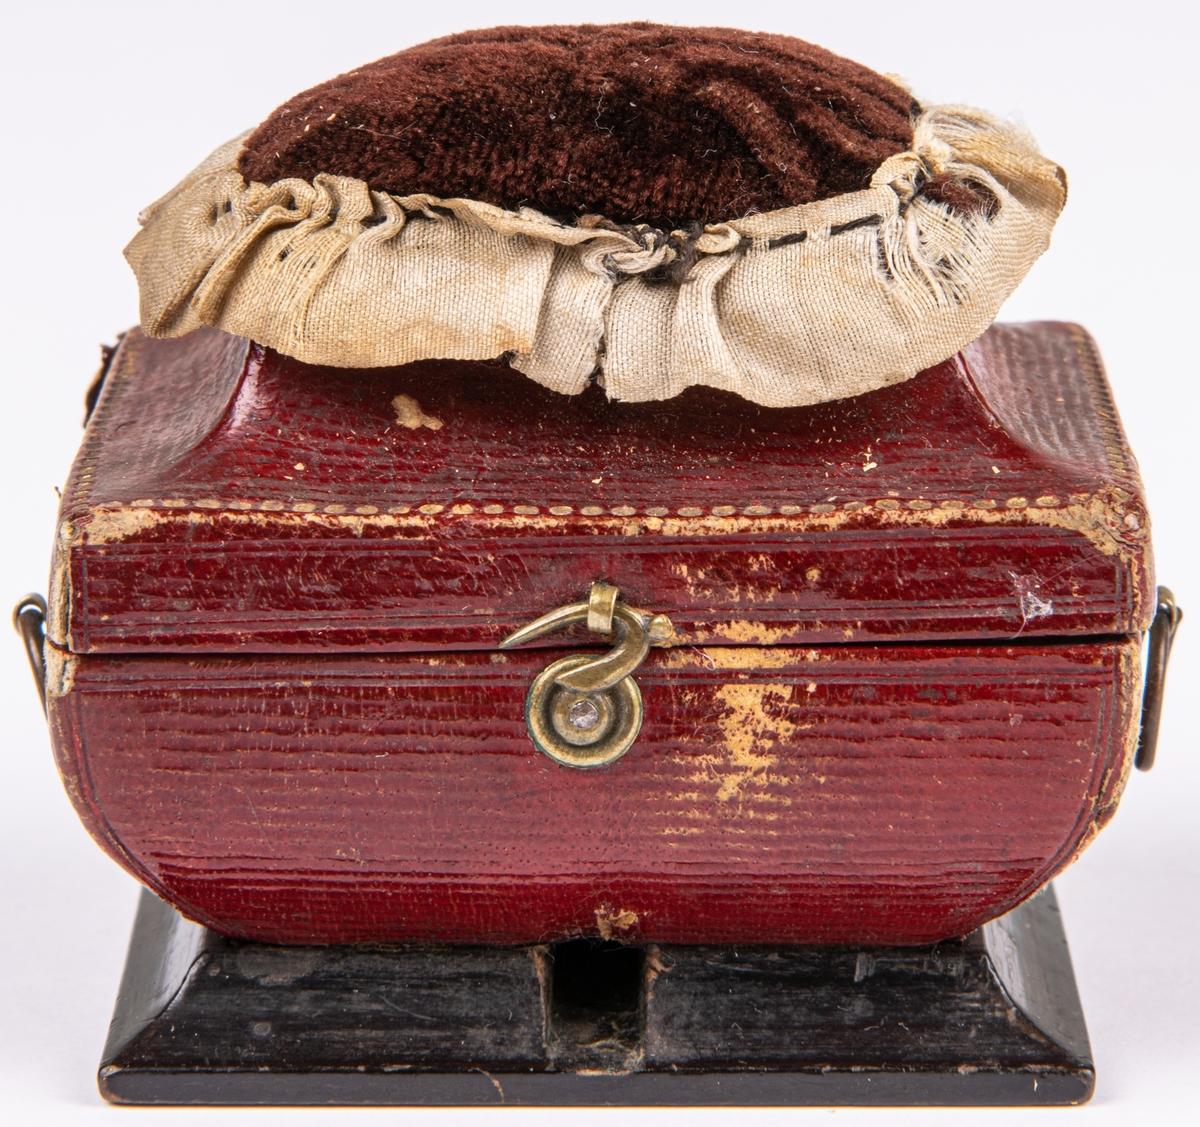 Sybaron, röd pappask med spegel m.m. Chagrin. Askens storlek 4,5x6cm. Kistformig. På undersidan skrivet Marie Ann Wennberg.